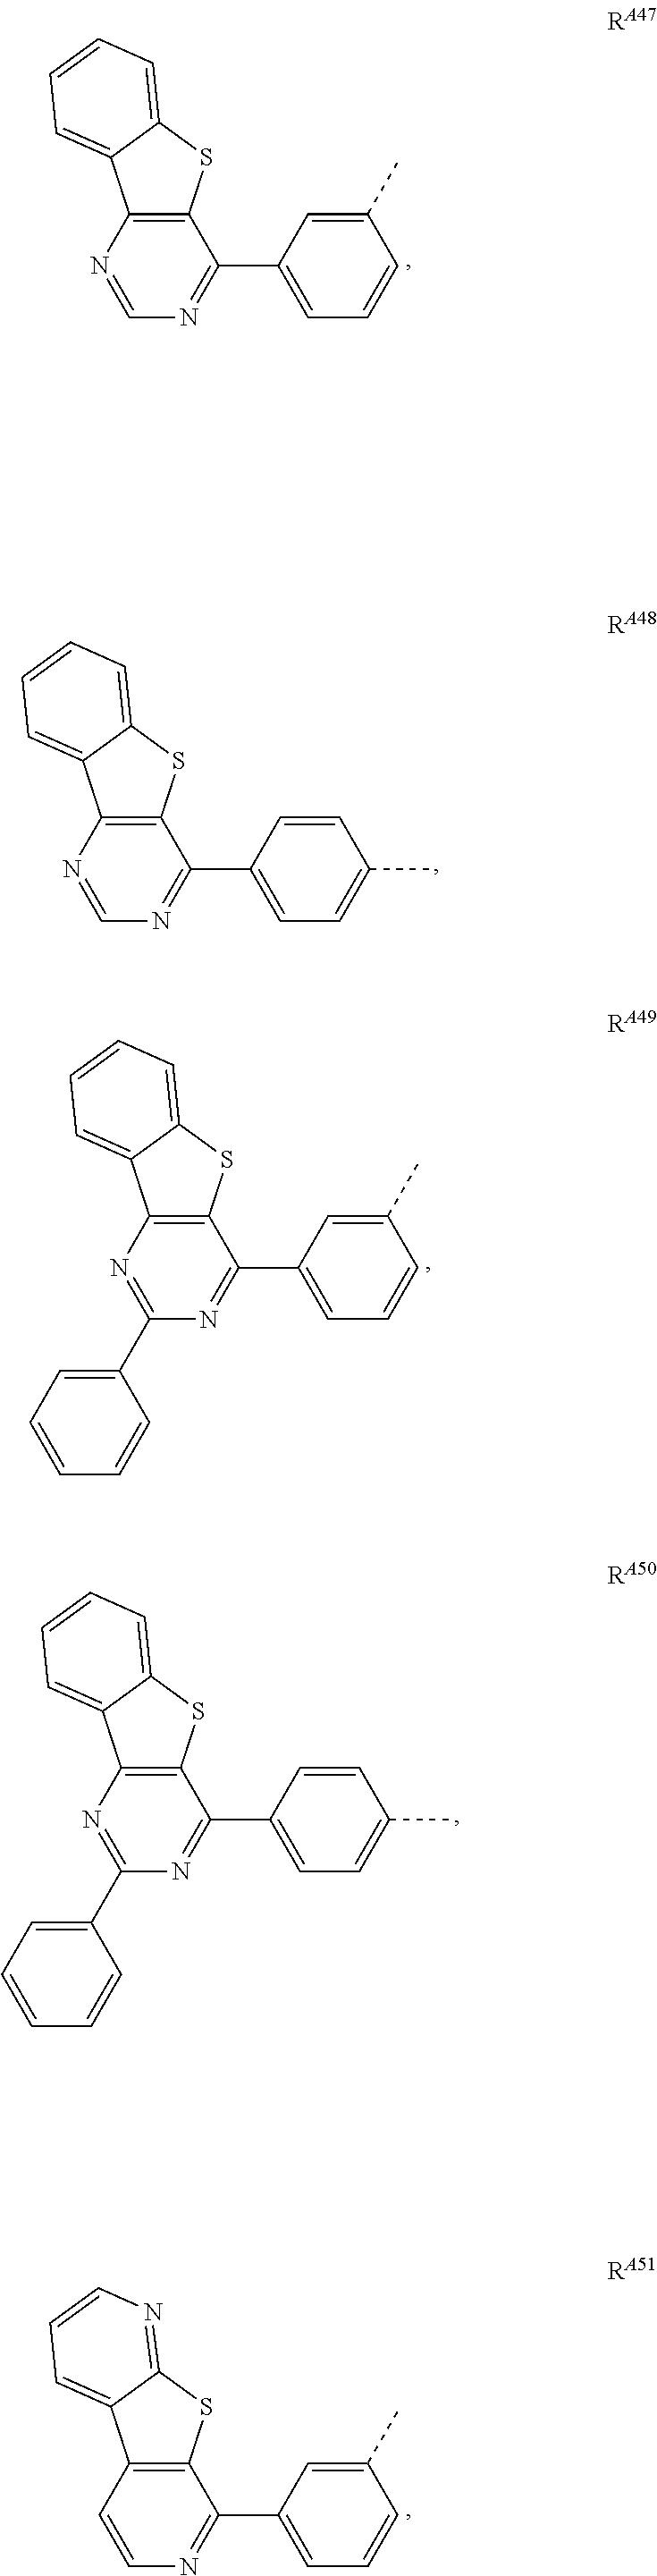 Figure US09761814-20170912-C00231